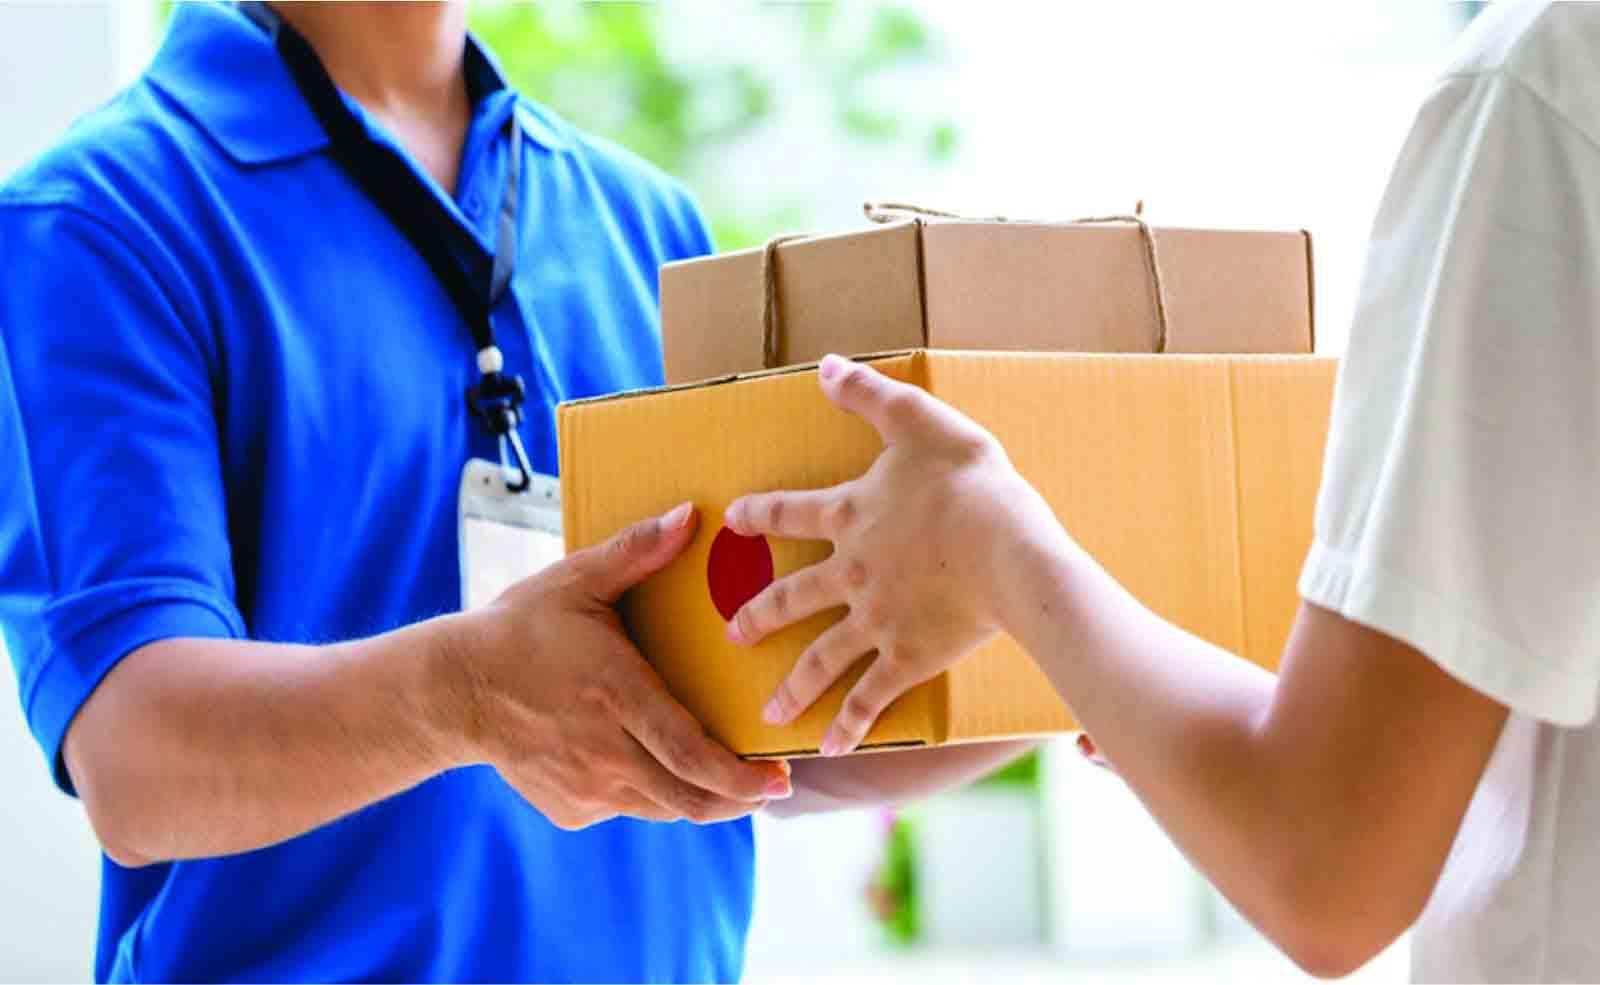 Dịch vụ giao hàng, chuyển phát nhanh ngày càng phổ biến trong cuộc sống